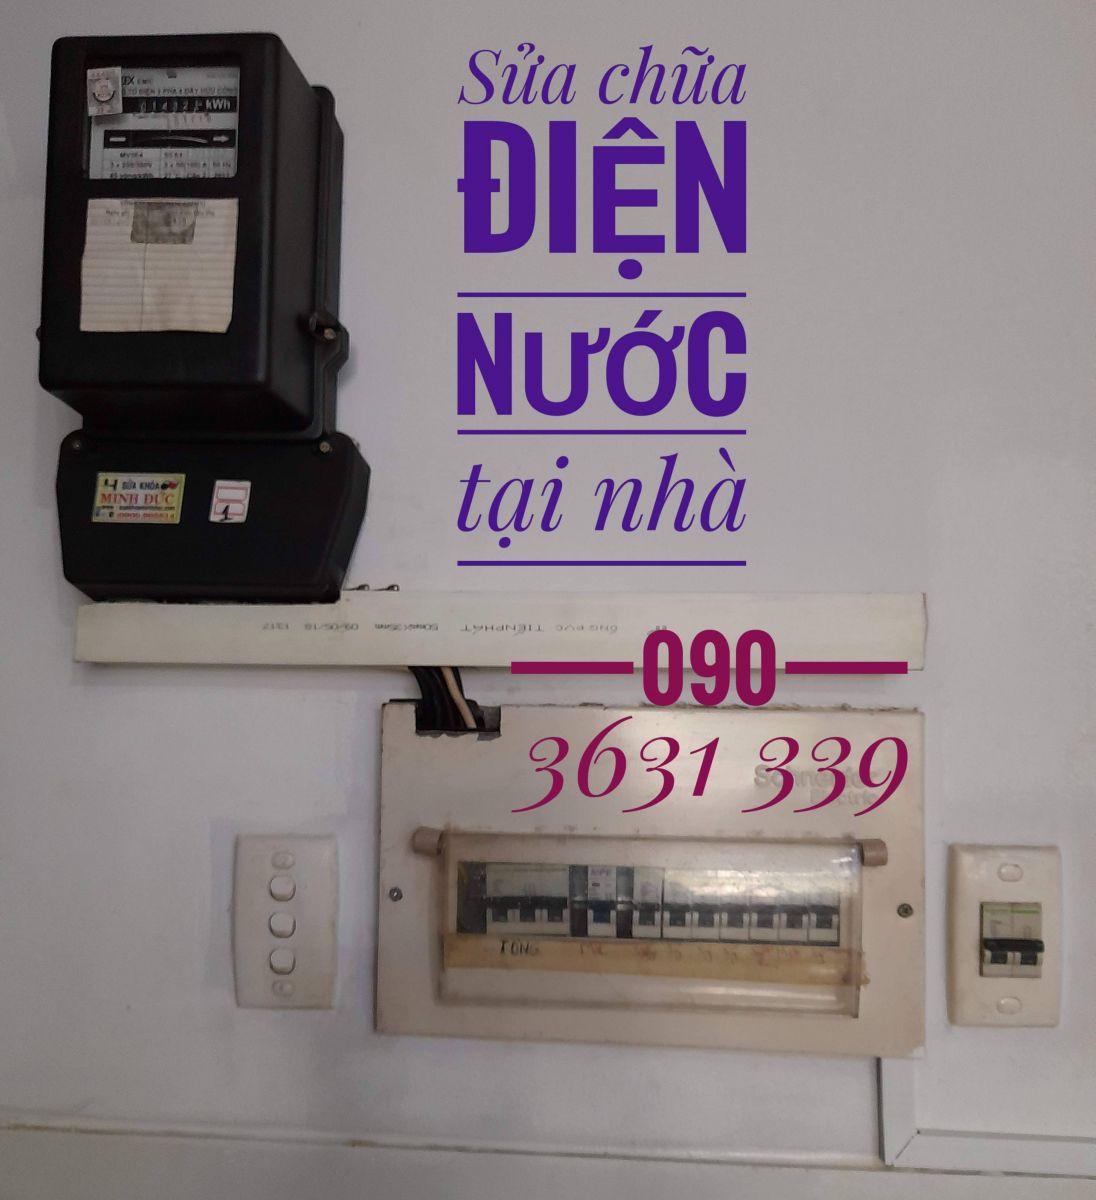 Sửa chữa điện TP.HCM